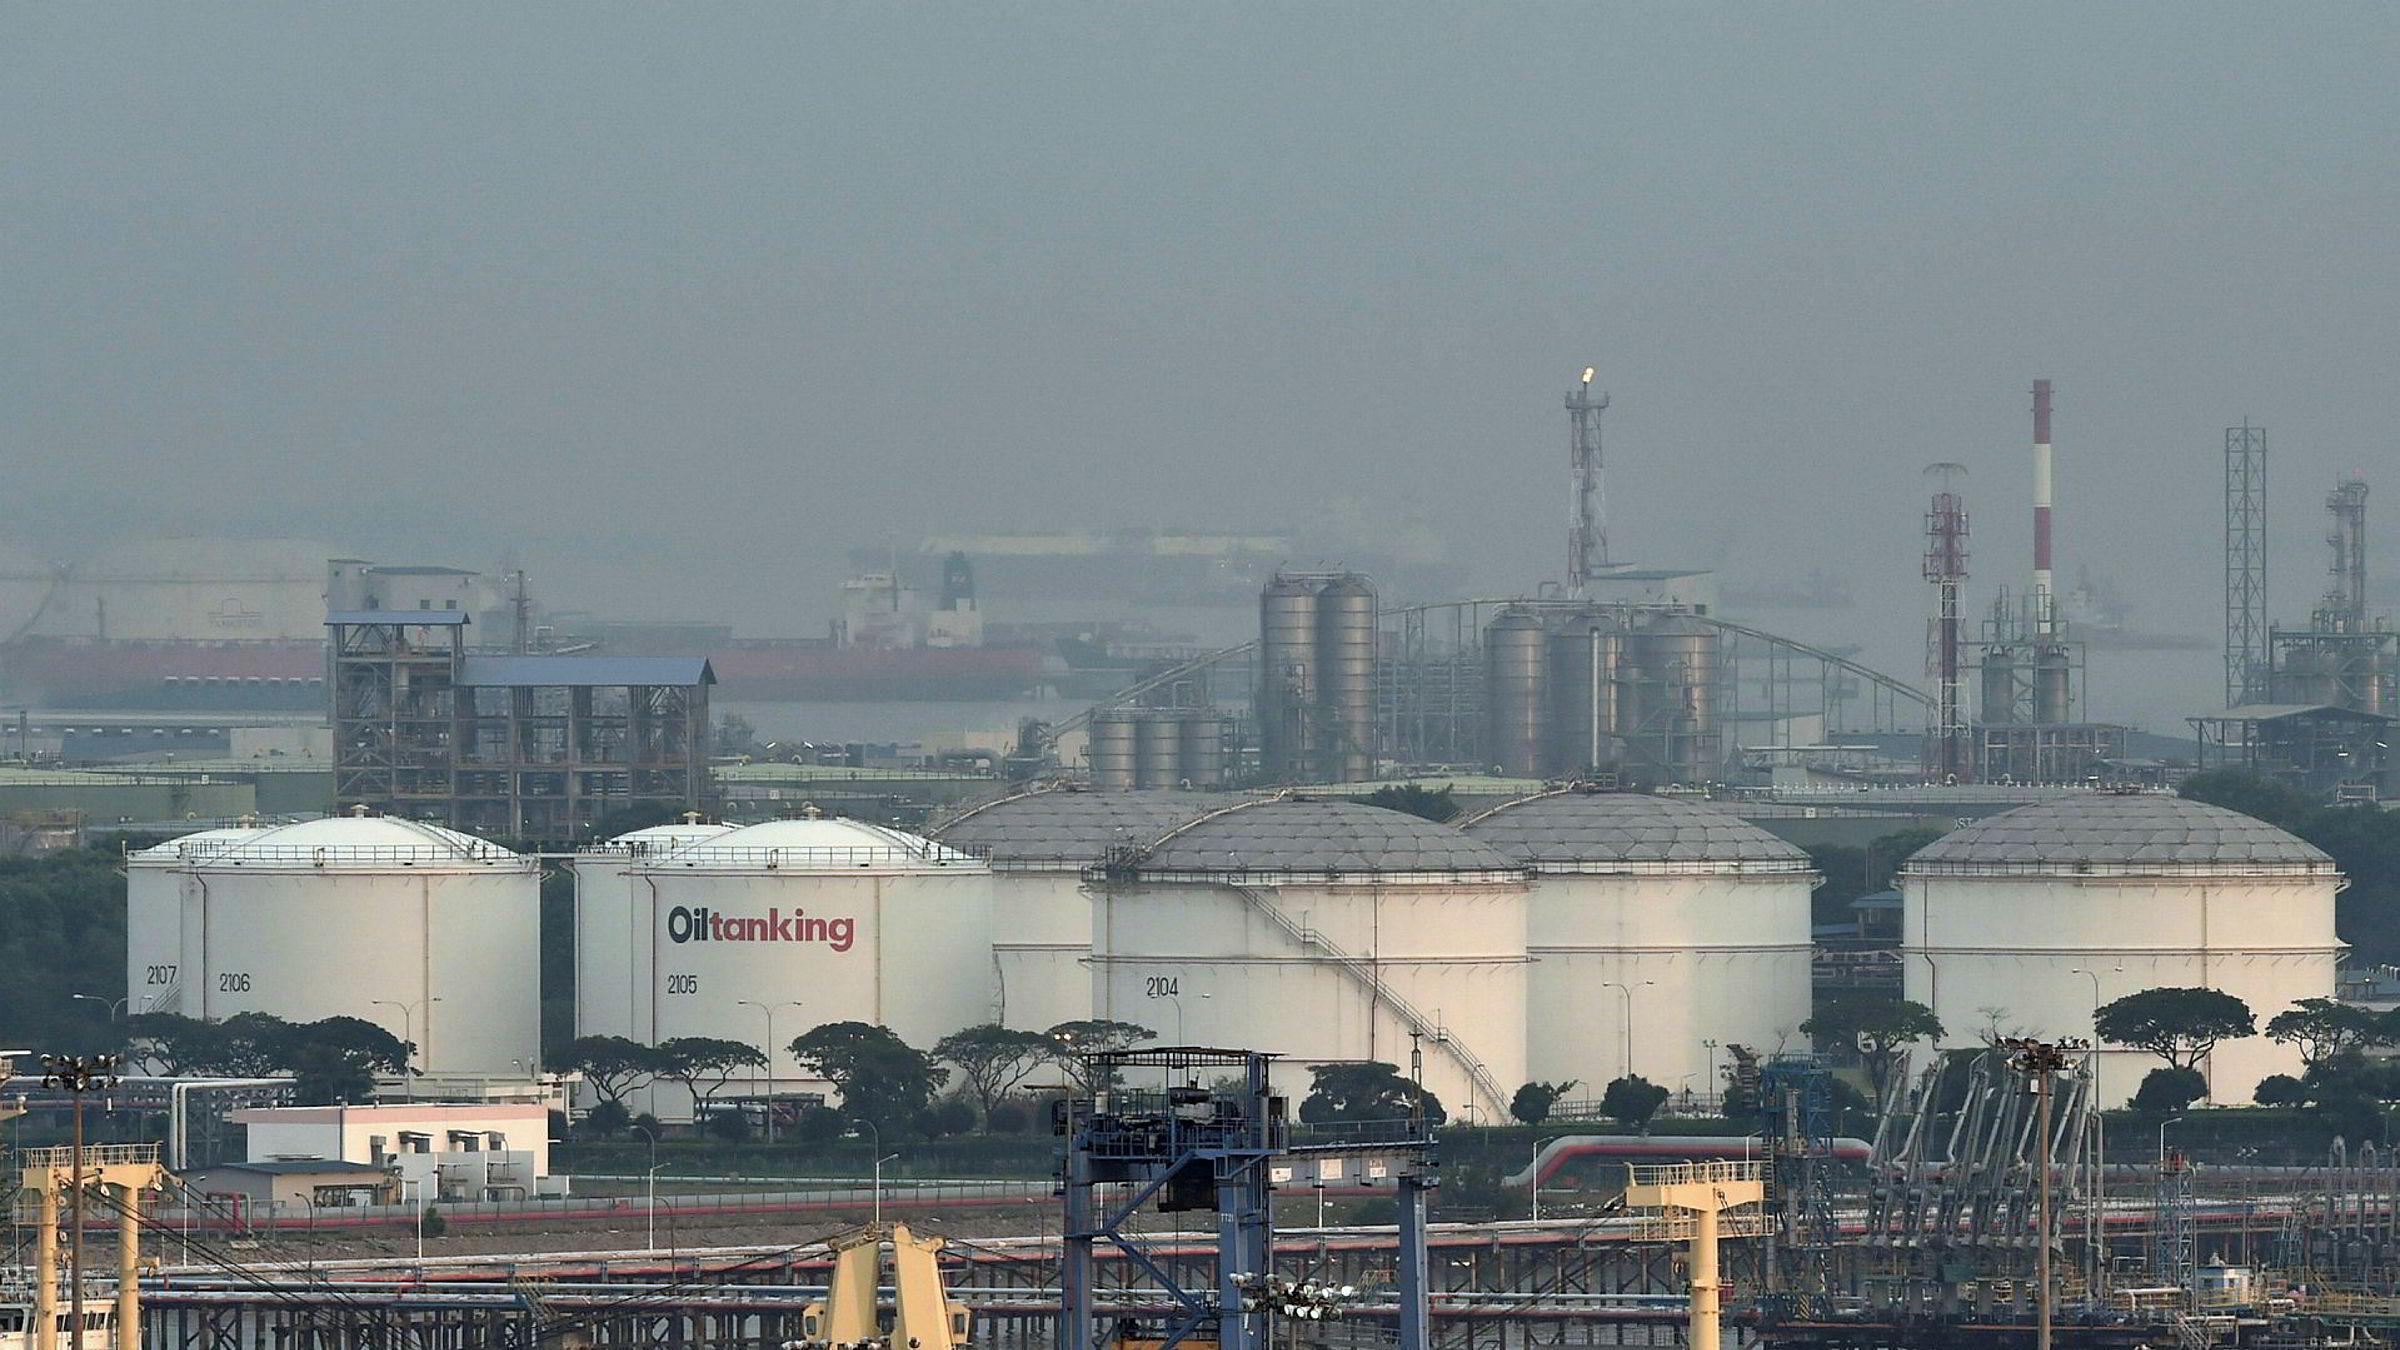 Den globale oljeetterspørselen ventes å falle med 8,6 millioner fat i år, ifølge Det internasjonale energibyrået. Oljeprisene har stabilisert seg etter «Black April». Her fra oljelagerhavnen i Jurong i Singapore.